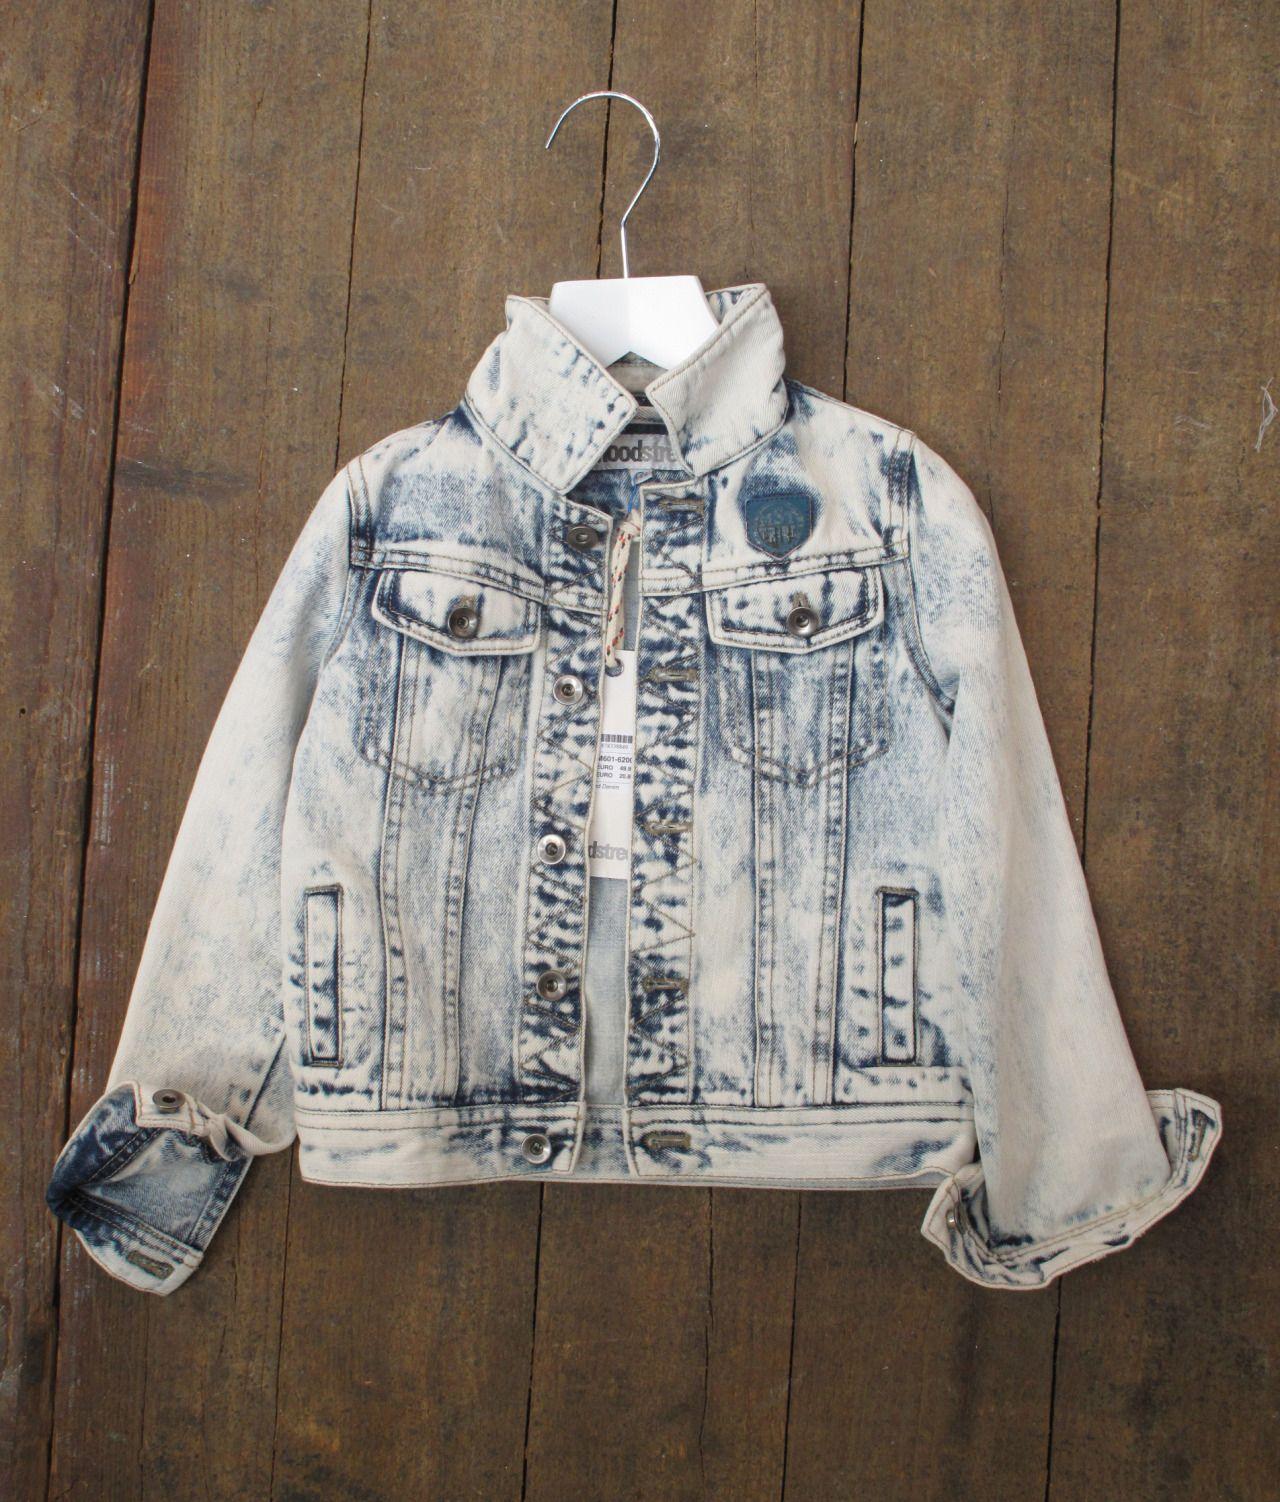 A abundância de mármore e branqueamento efeitos sobre jeans e suores aqui no Kleine Fabriek, ilustrados belamente aqui por Moodstreet;  vá para a recém-publicado relatório Surf Cowboy para mais inspiração